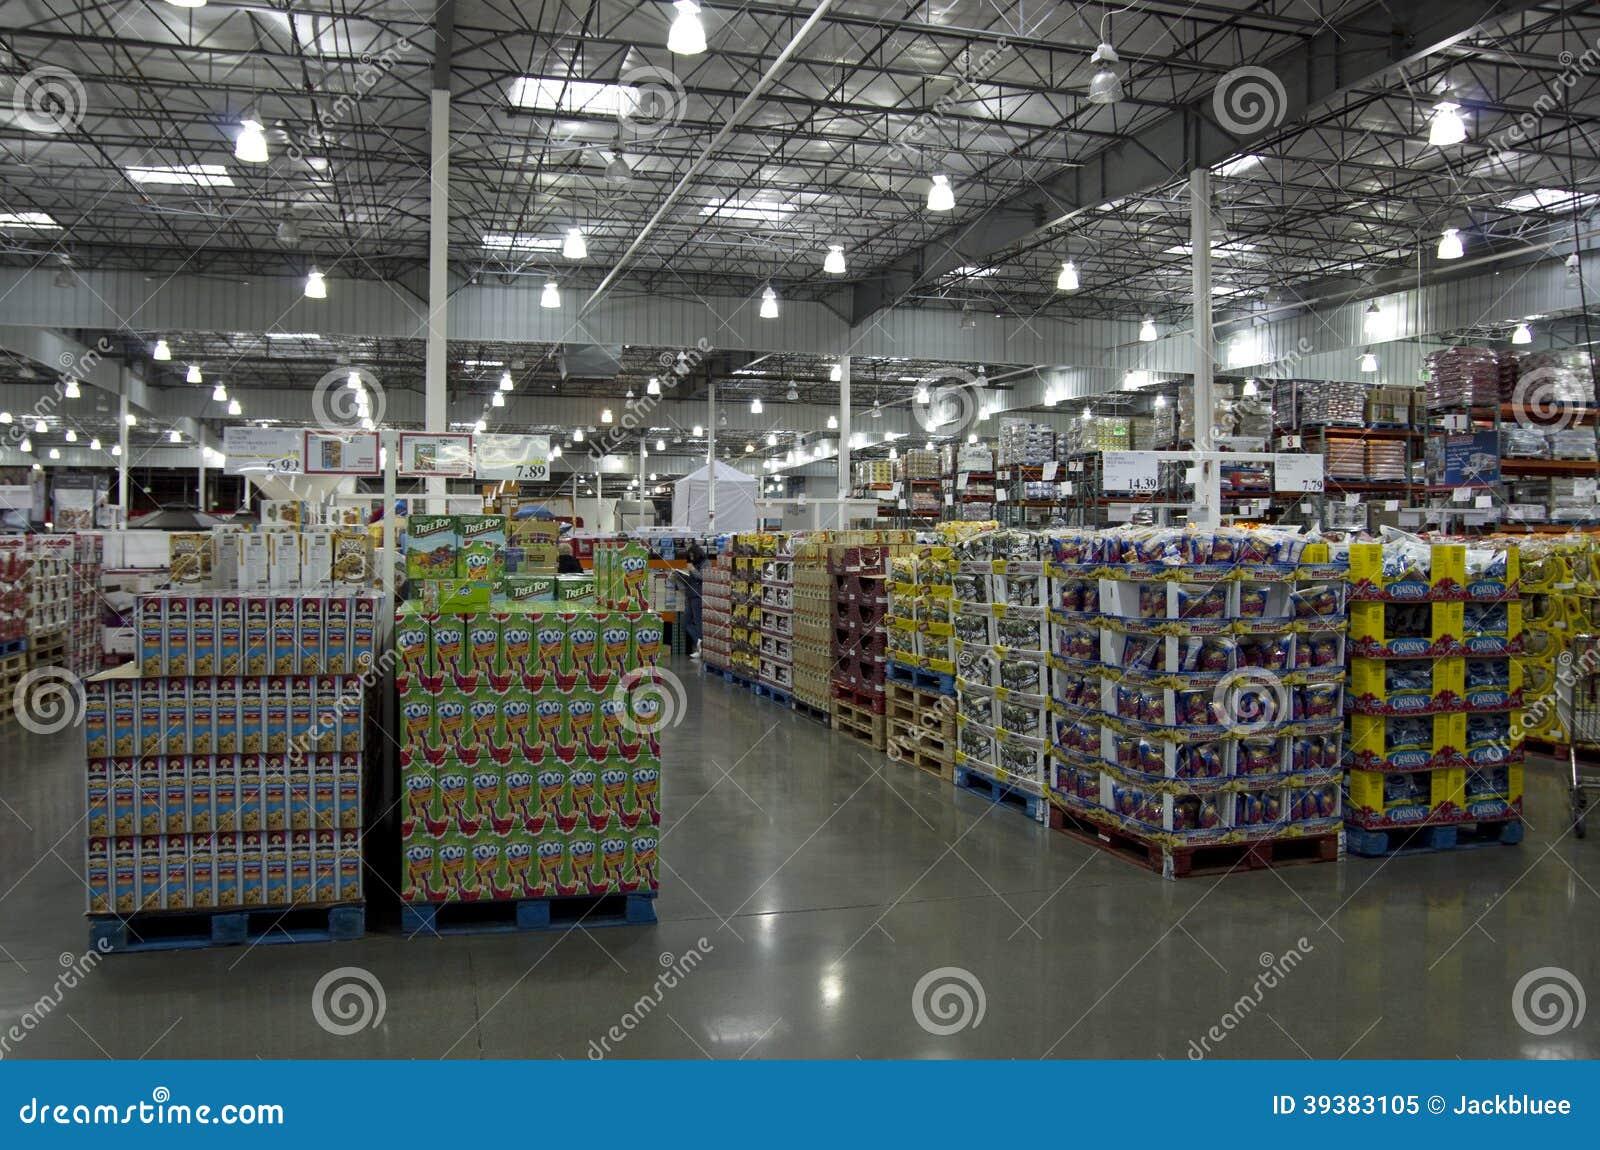 Tienda de costco imagen editorial imagen 39383105 - Costco productos y precios ...